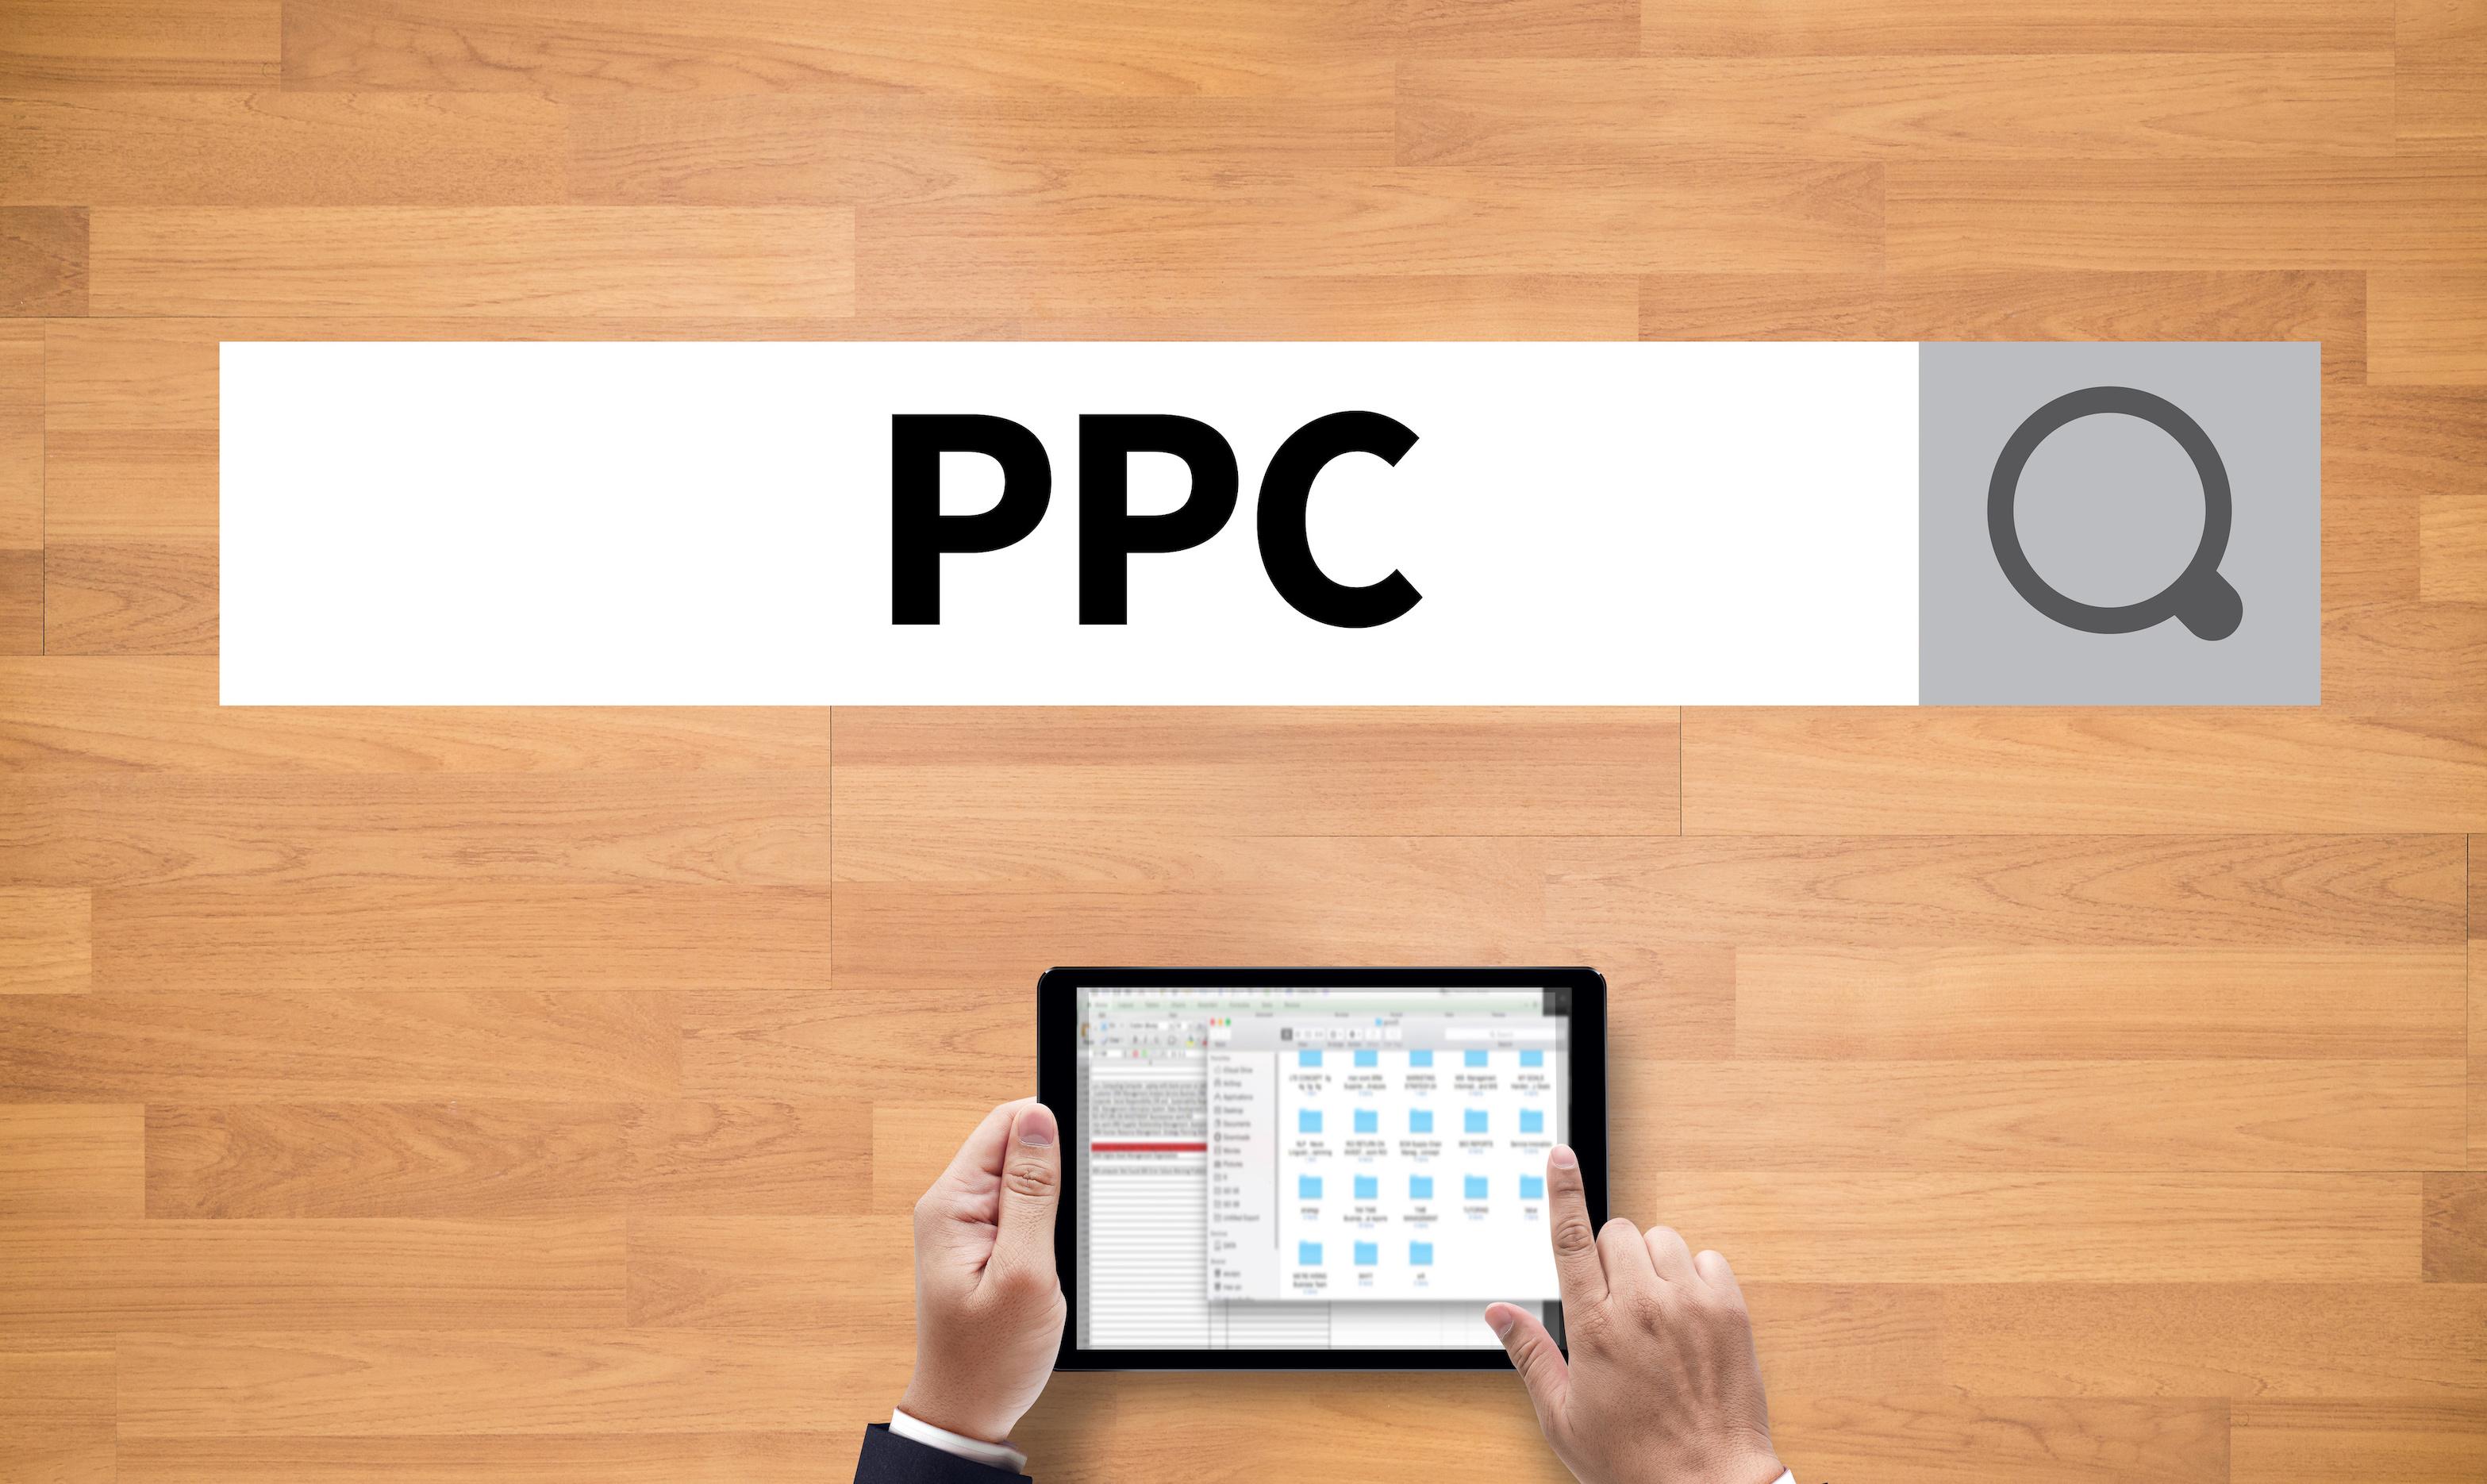 PPCと書かれた検索窓